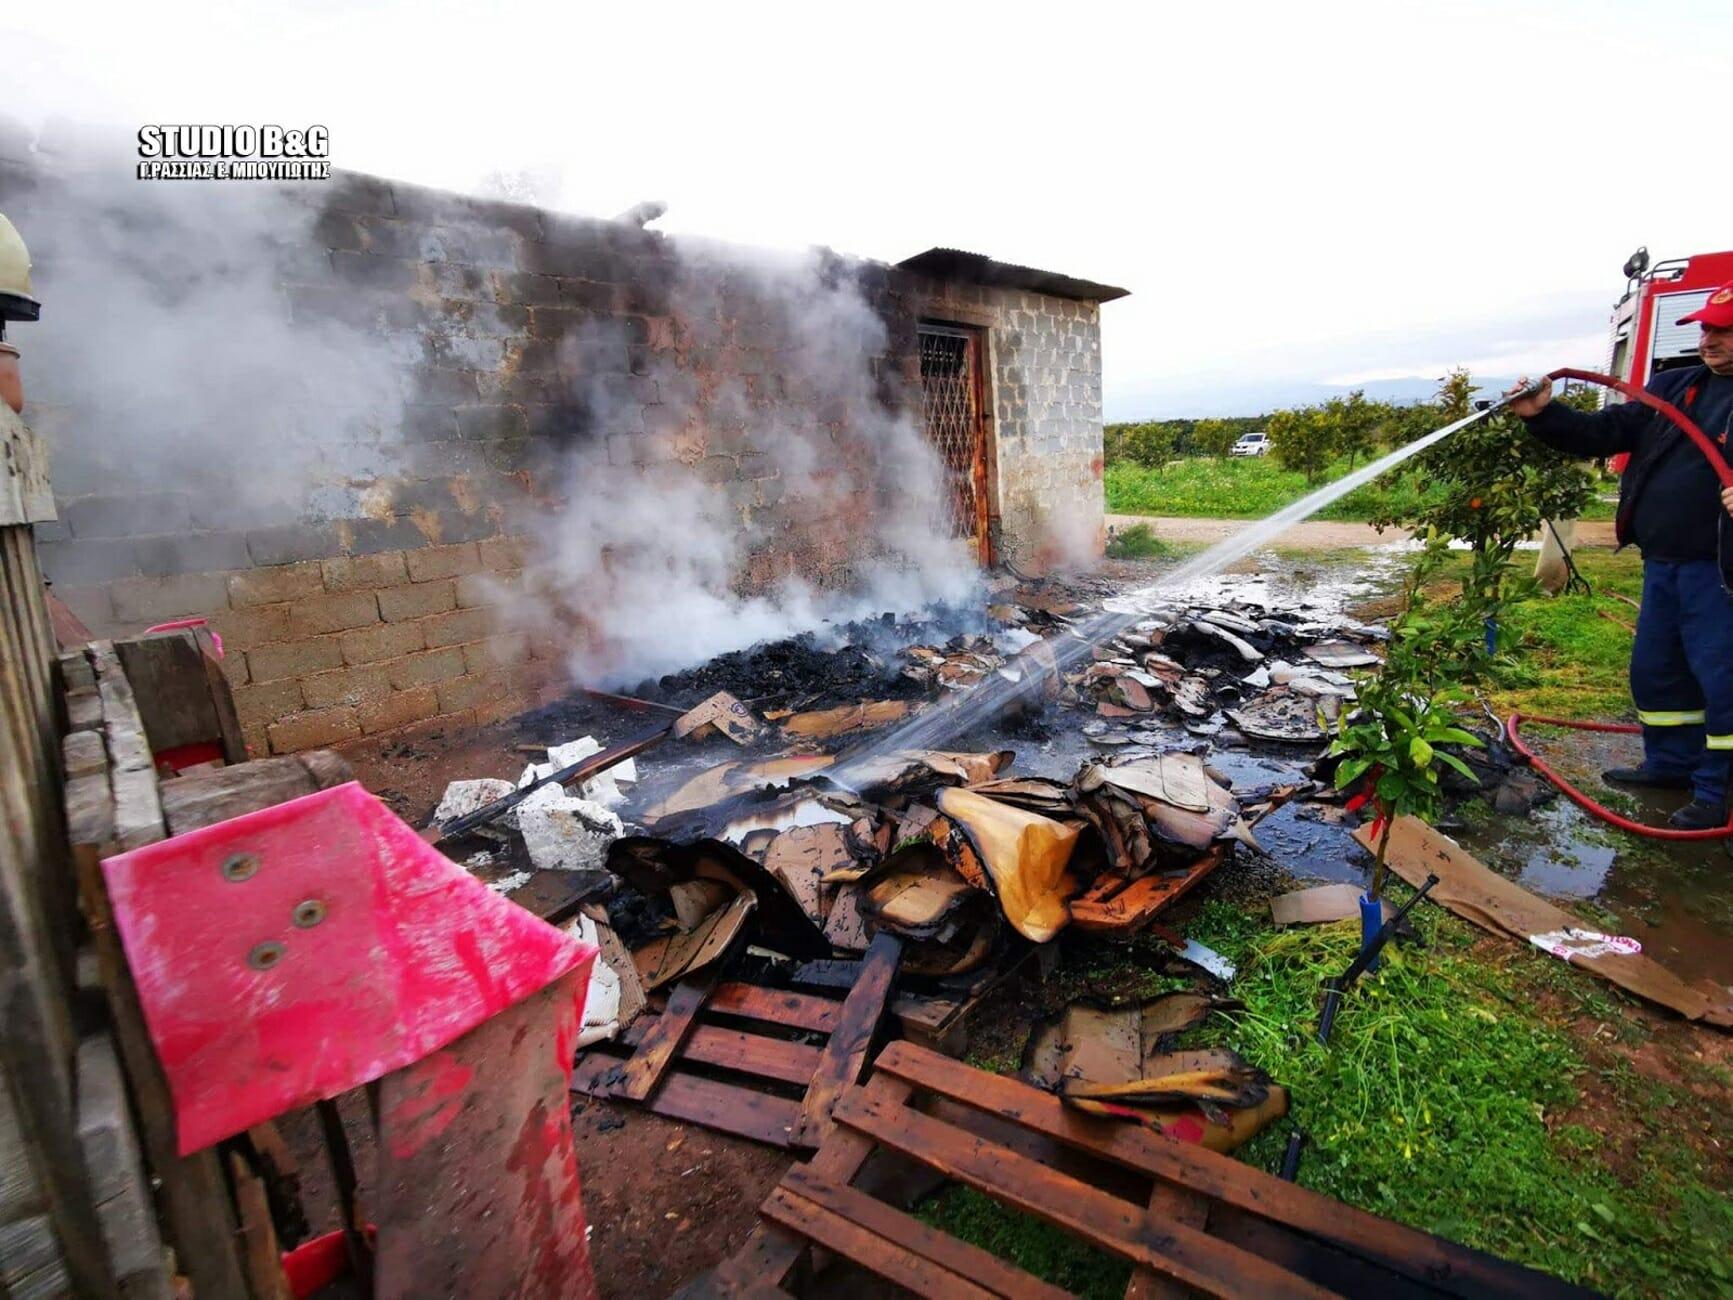 """Άργος: """"Ήθελα να τους κάνω έξωση και έβαλαν τη φωτιά για να με εκδικηθούν""""! Στάχτη η αποθήκη (Φωτό)"""